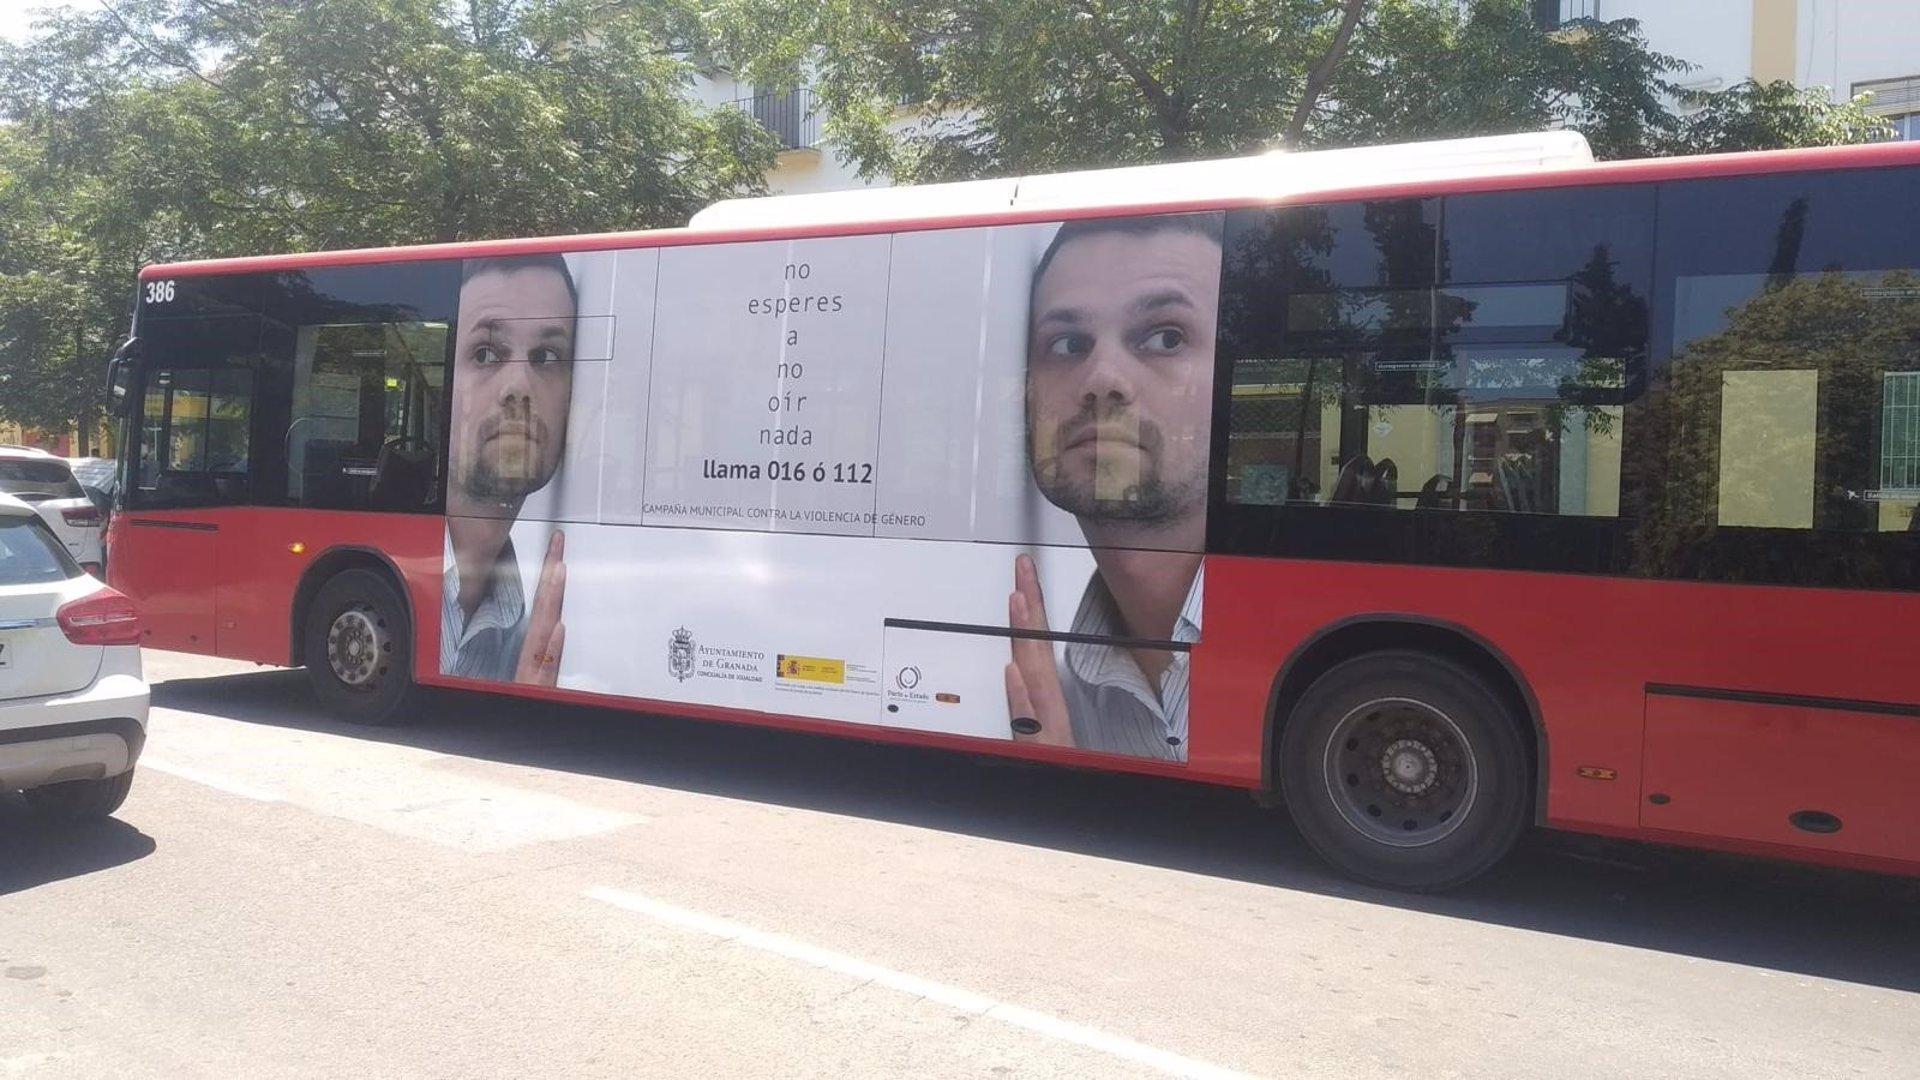 Activado un servicio municipal de paradas a demanda en bus nocturno para la seguridad de las mujeres